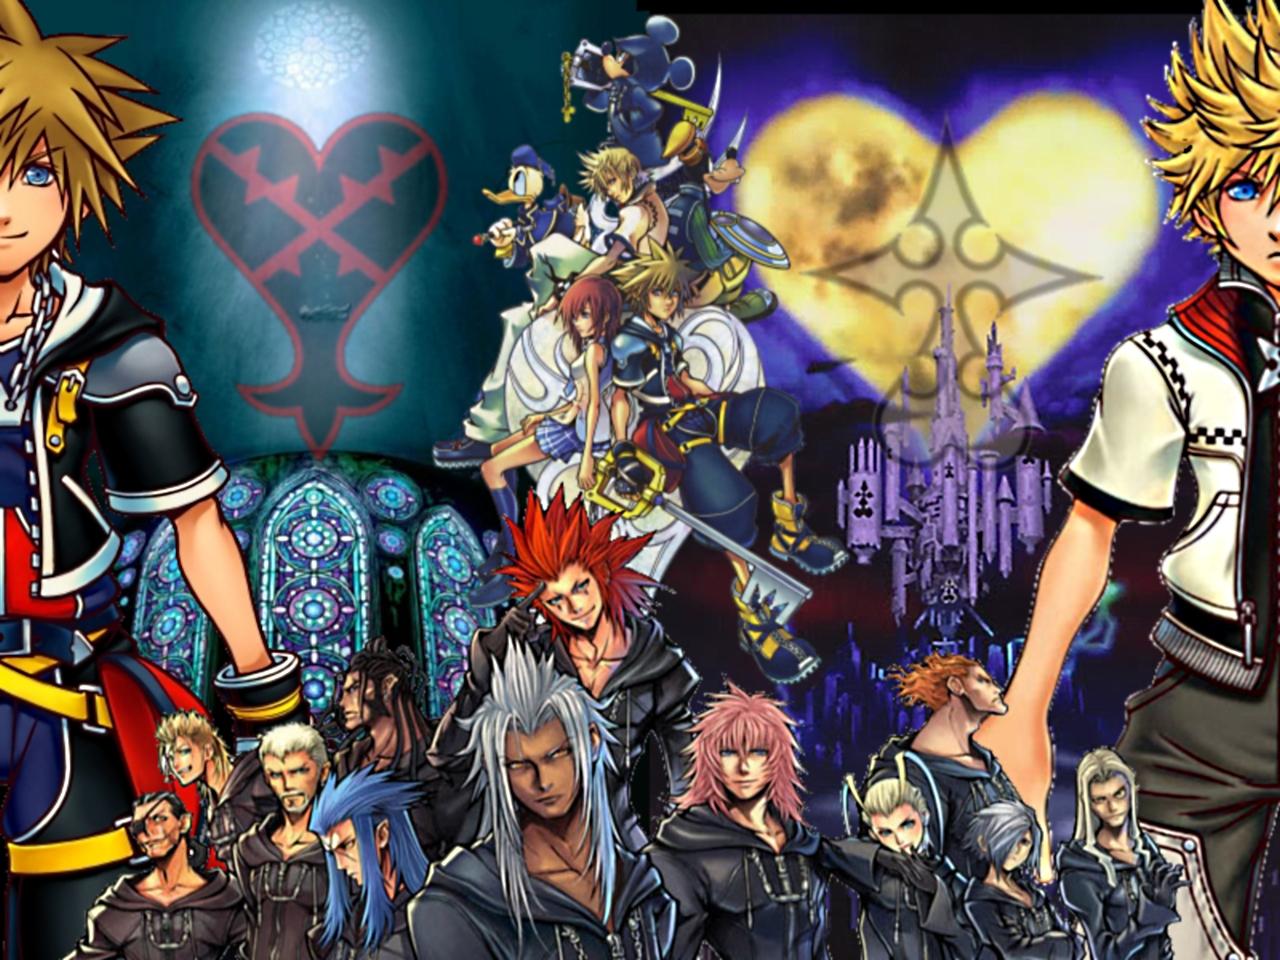 Kingdom Hearts Wallpaper by Wightwizard8   Desktop Wallpaper 1280x960